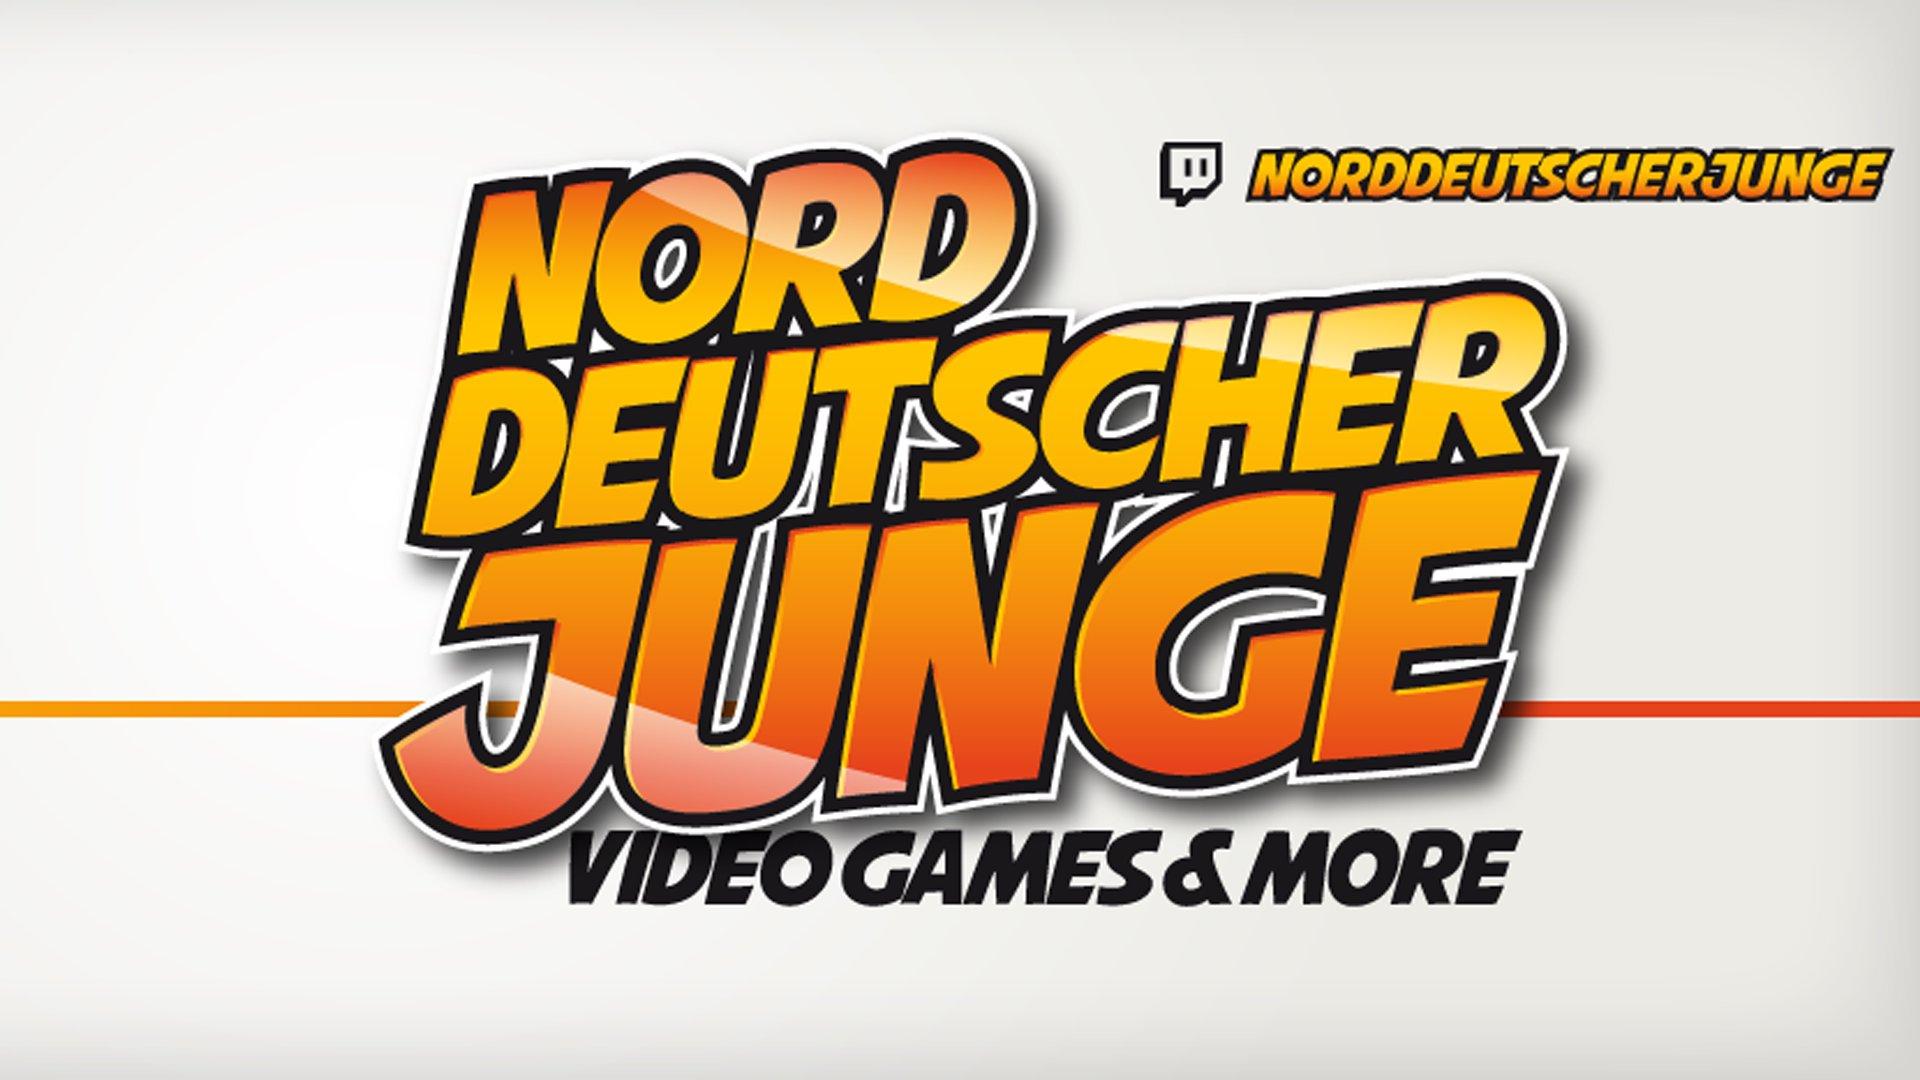 Twitch stream of NorddeutscherJunge